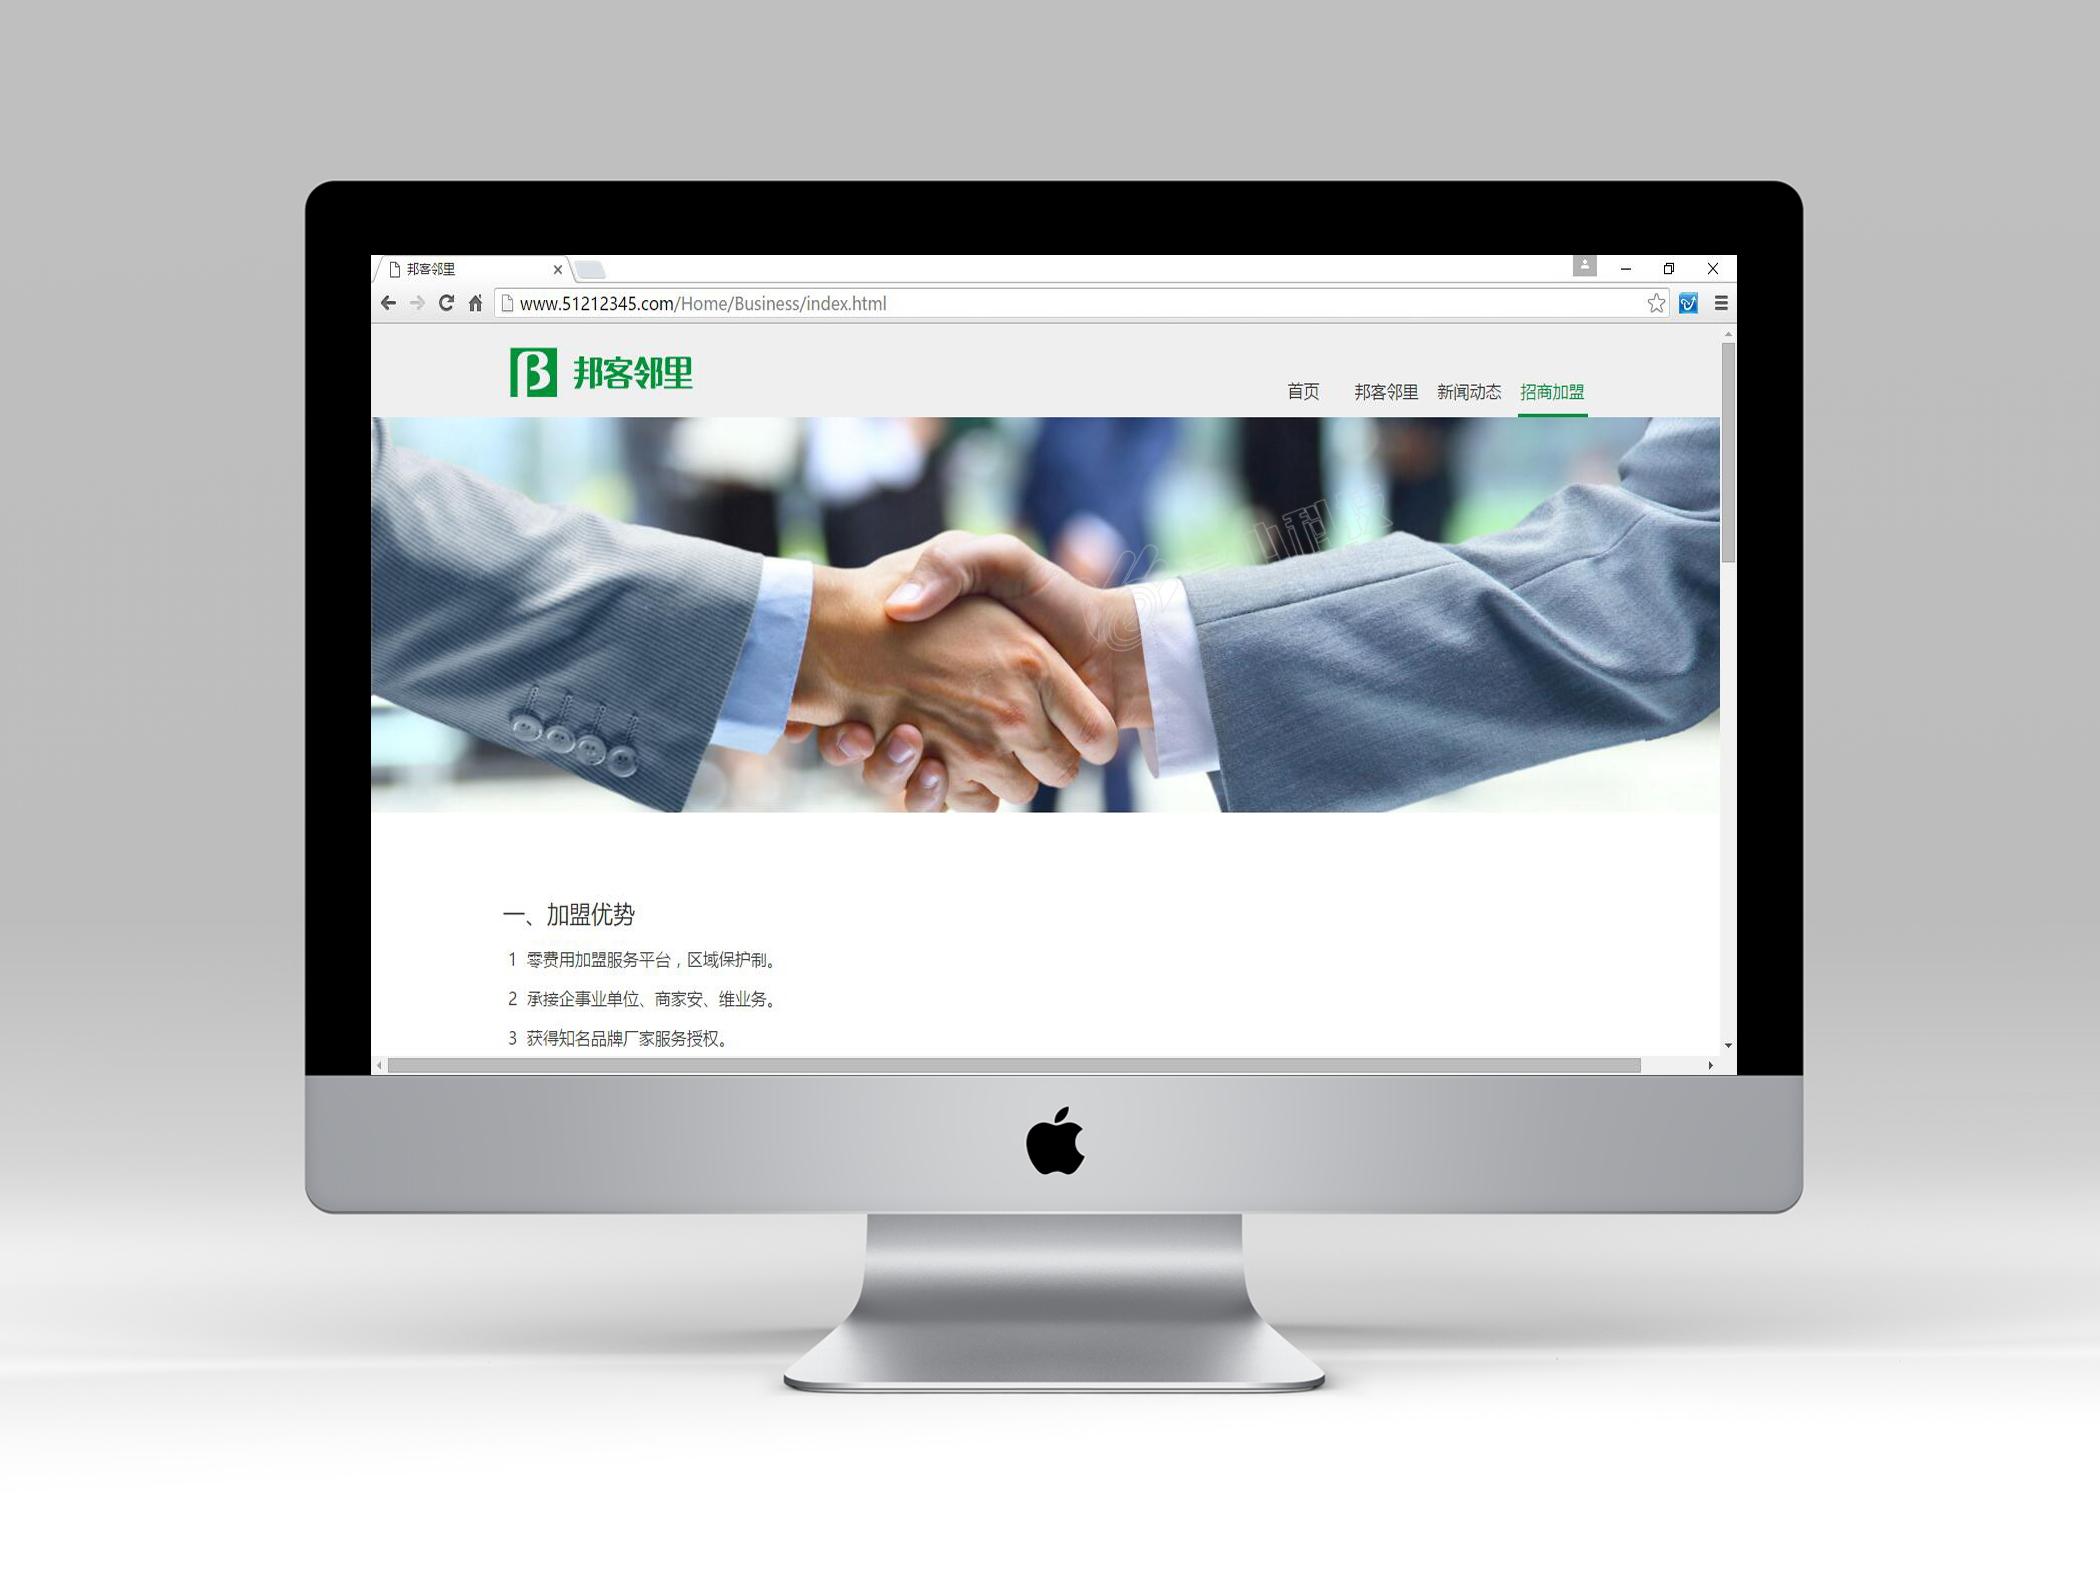 新媒体广告信息展示网站,交友短视频微信系统成品小程序软件开发